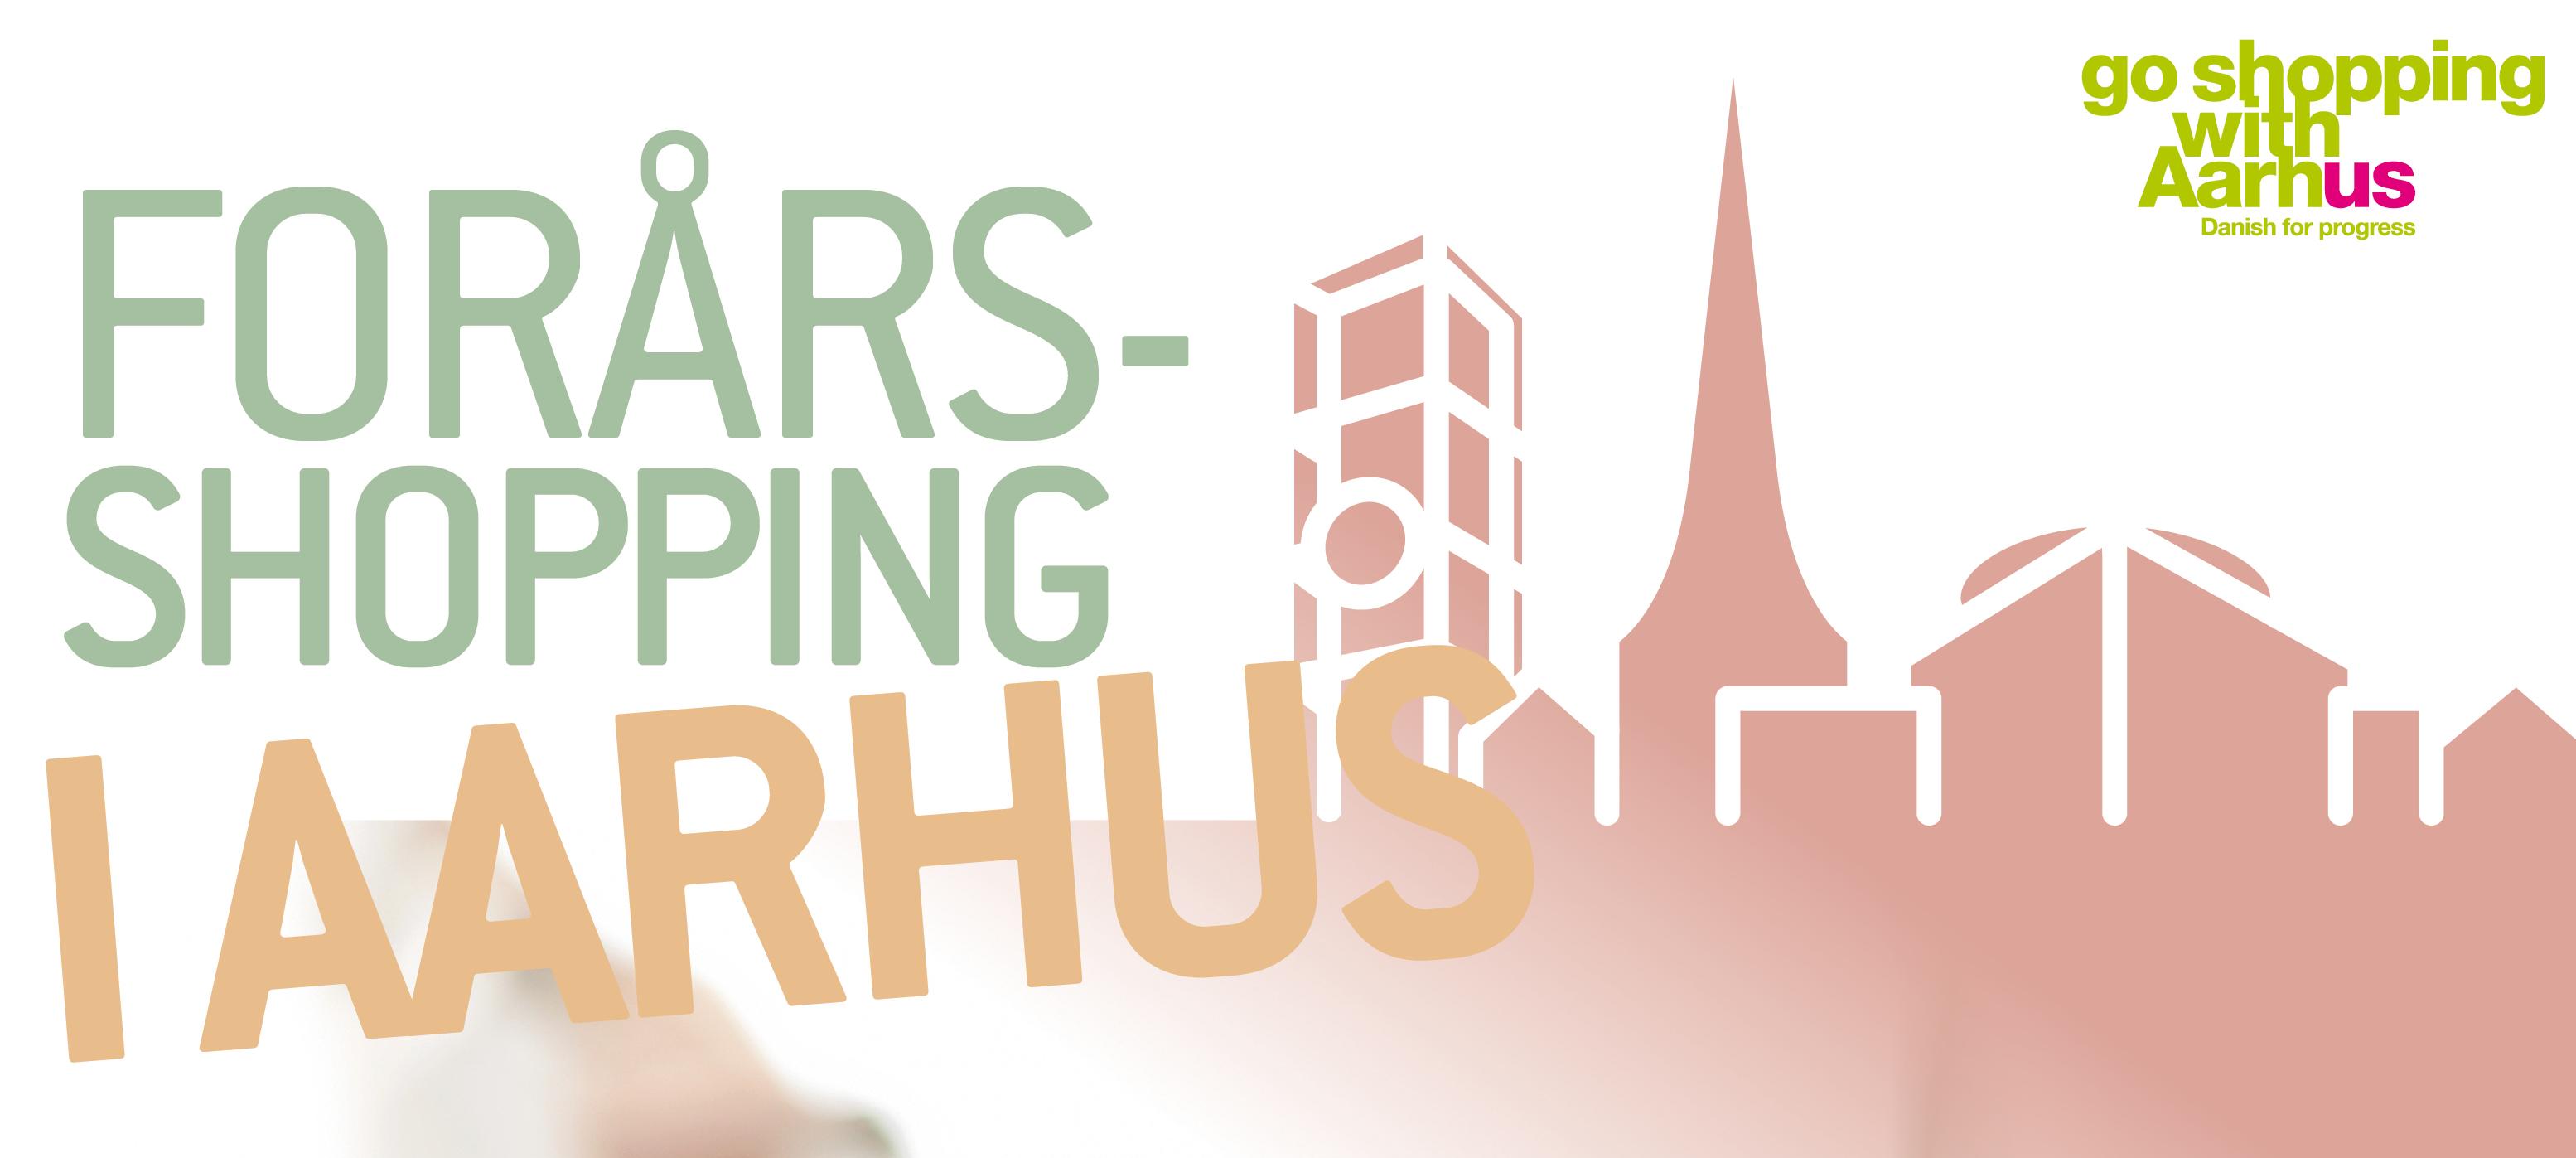 71e7f84bbbf Nyt shopping- og eventmagasin på gaden nu - Aarhus City ForeningAarhus City  Forening